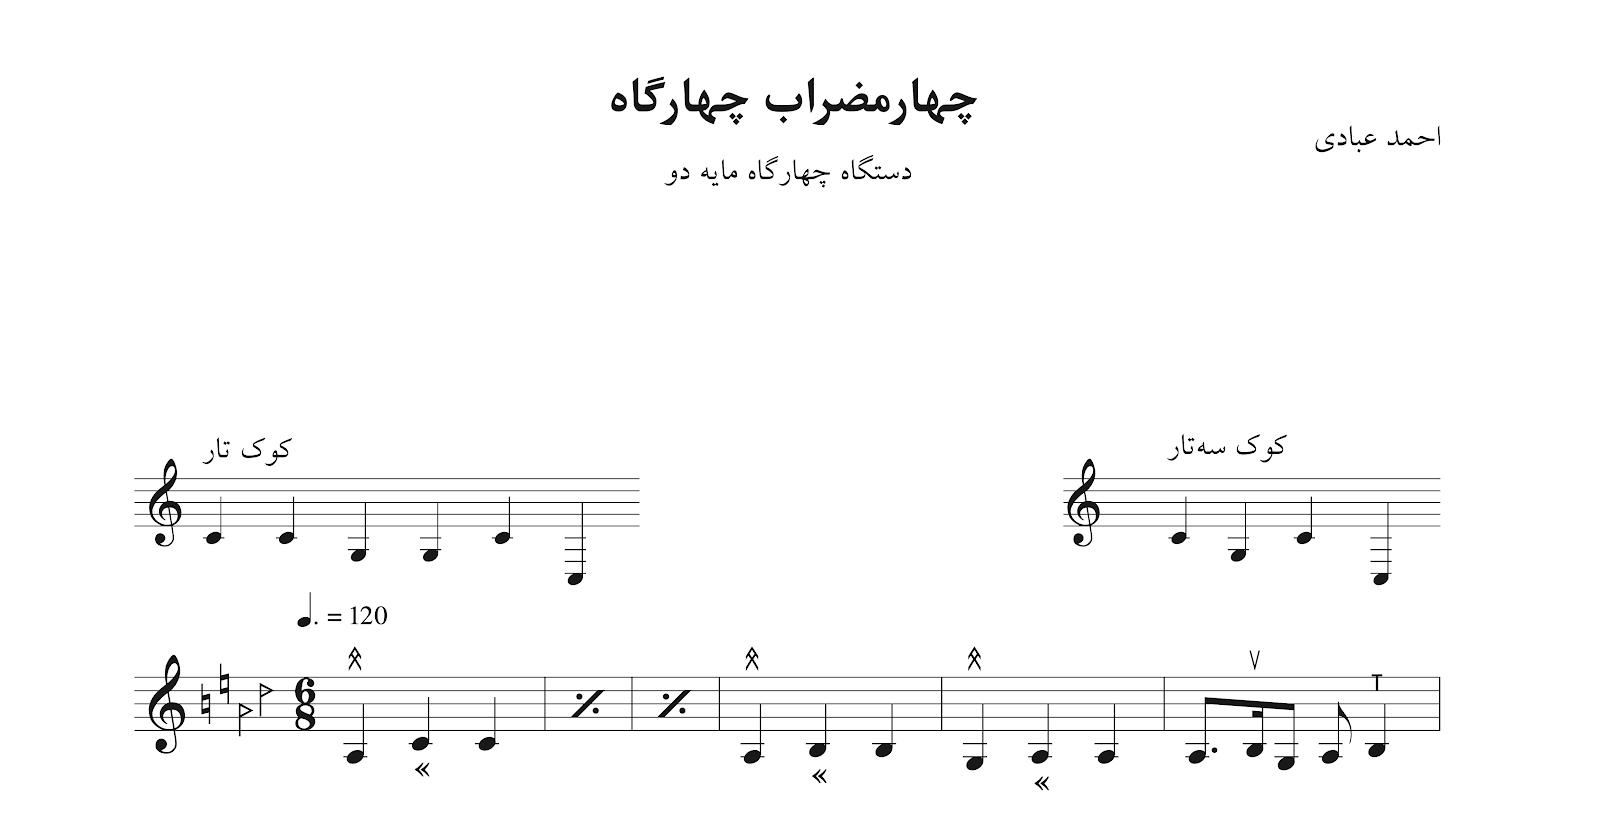 نت چهارمضراب چهارگاه (مایهی دو) احمد عبادی